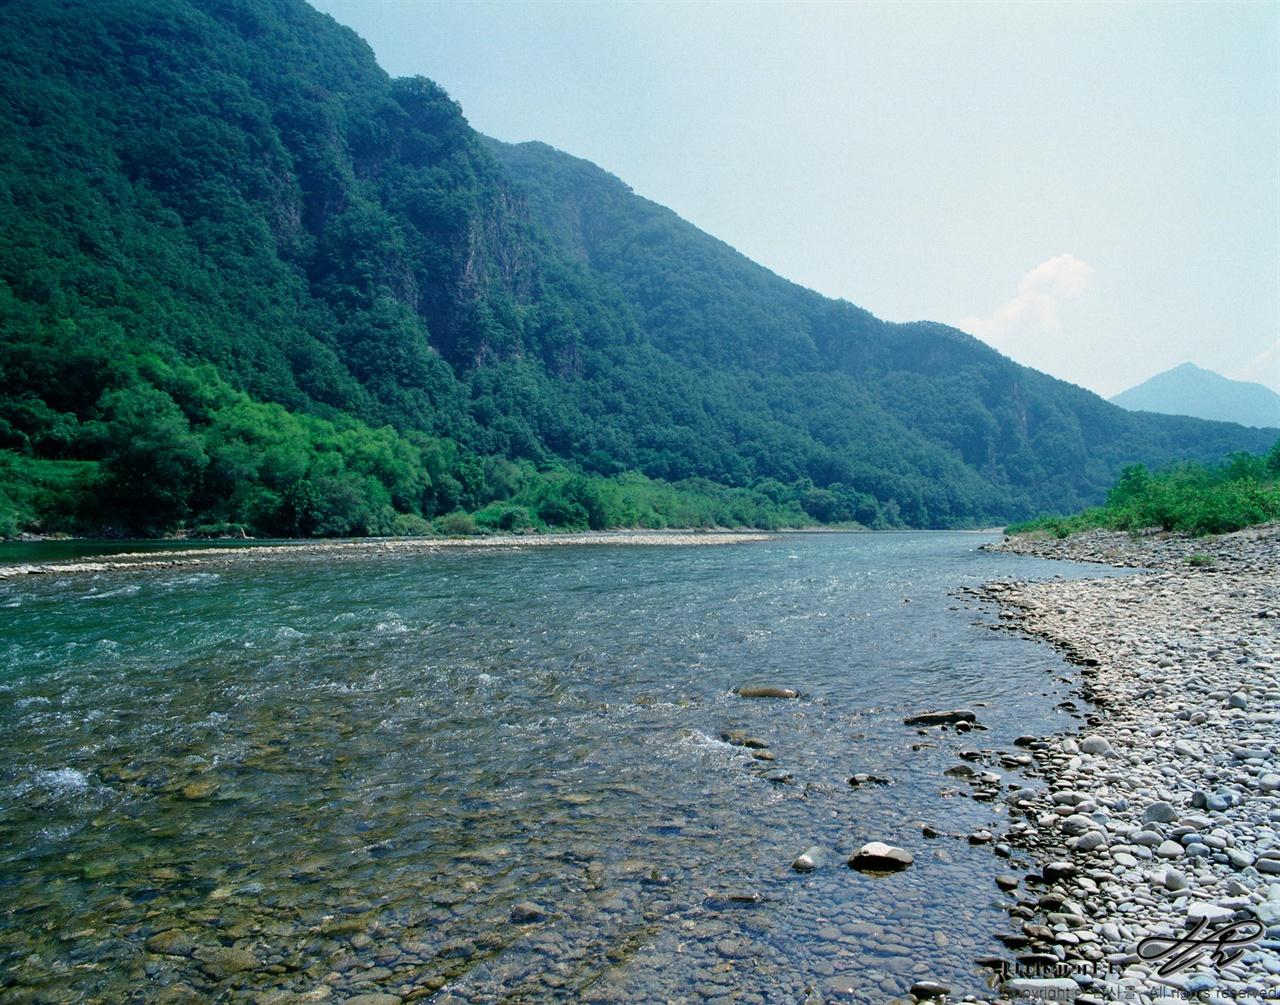 힘차게 흐르는 동강 (6*7중형/Ektar100) 골짜기 사이를 힘차게 흐르고 있는 동강의 모습